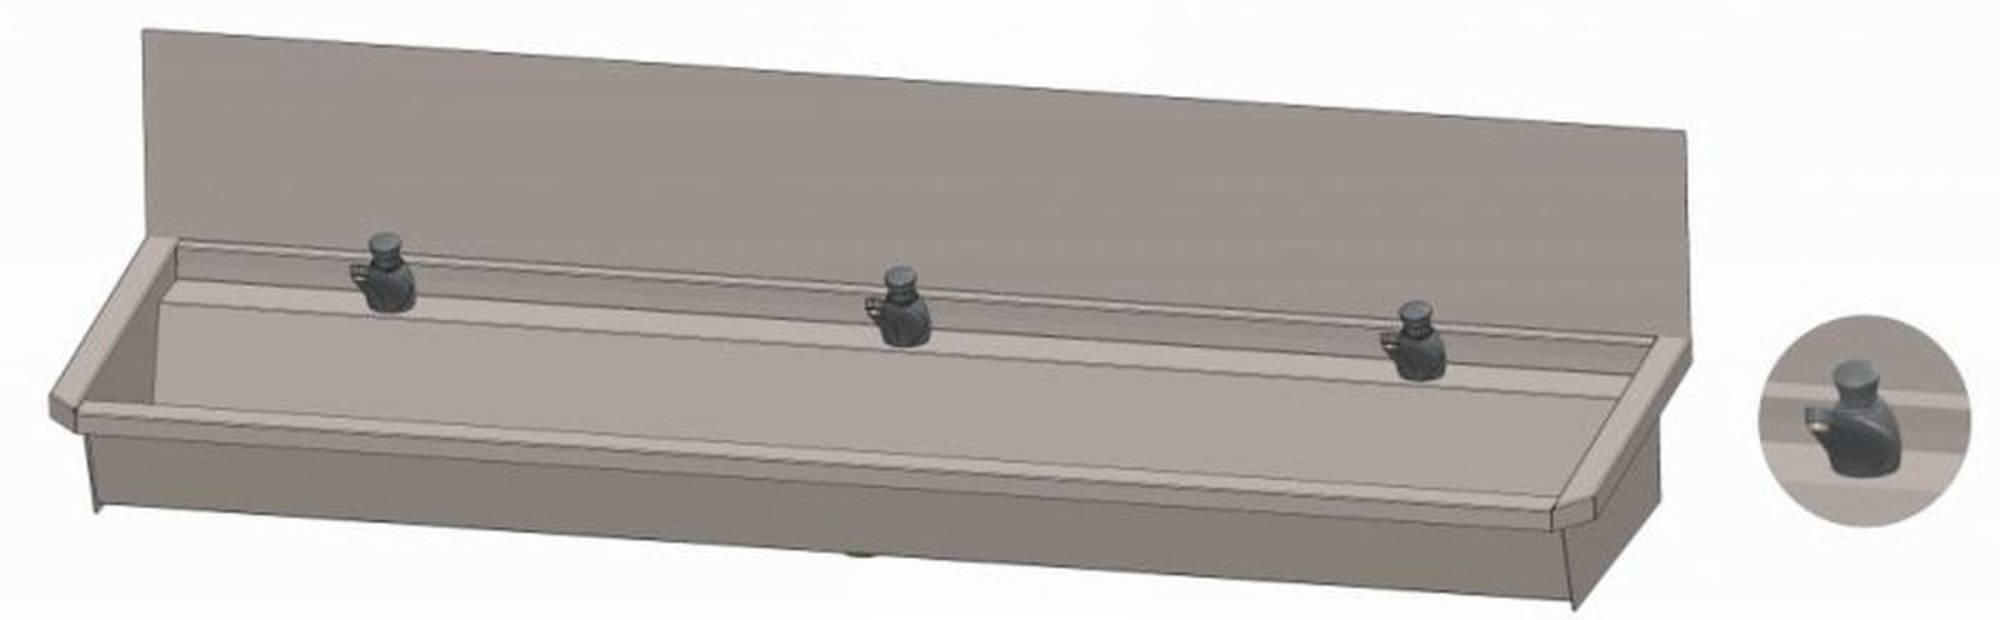 INTERSAN SANILAV wasgoot met spatbord 180 cm. met 3 zelfsl.kranen INOX 304 (303L3)